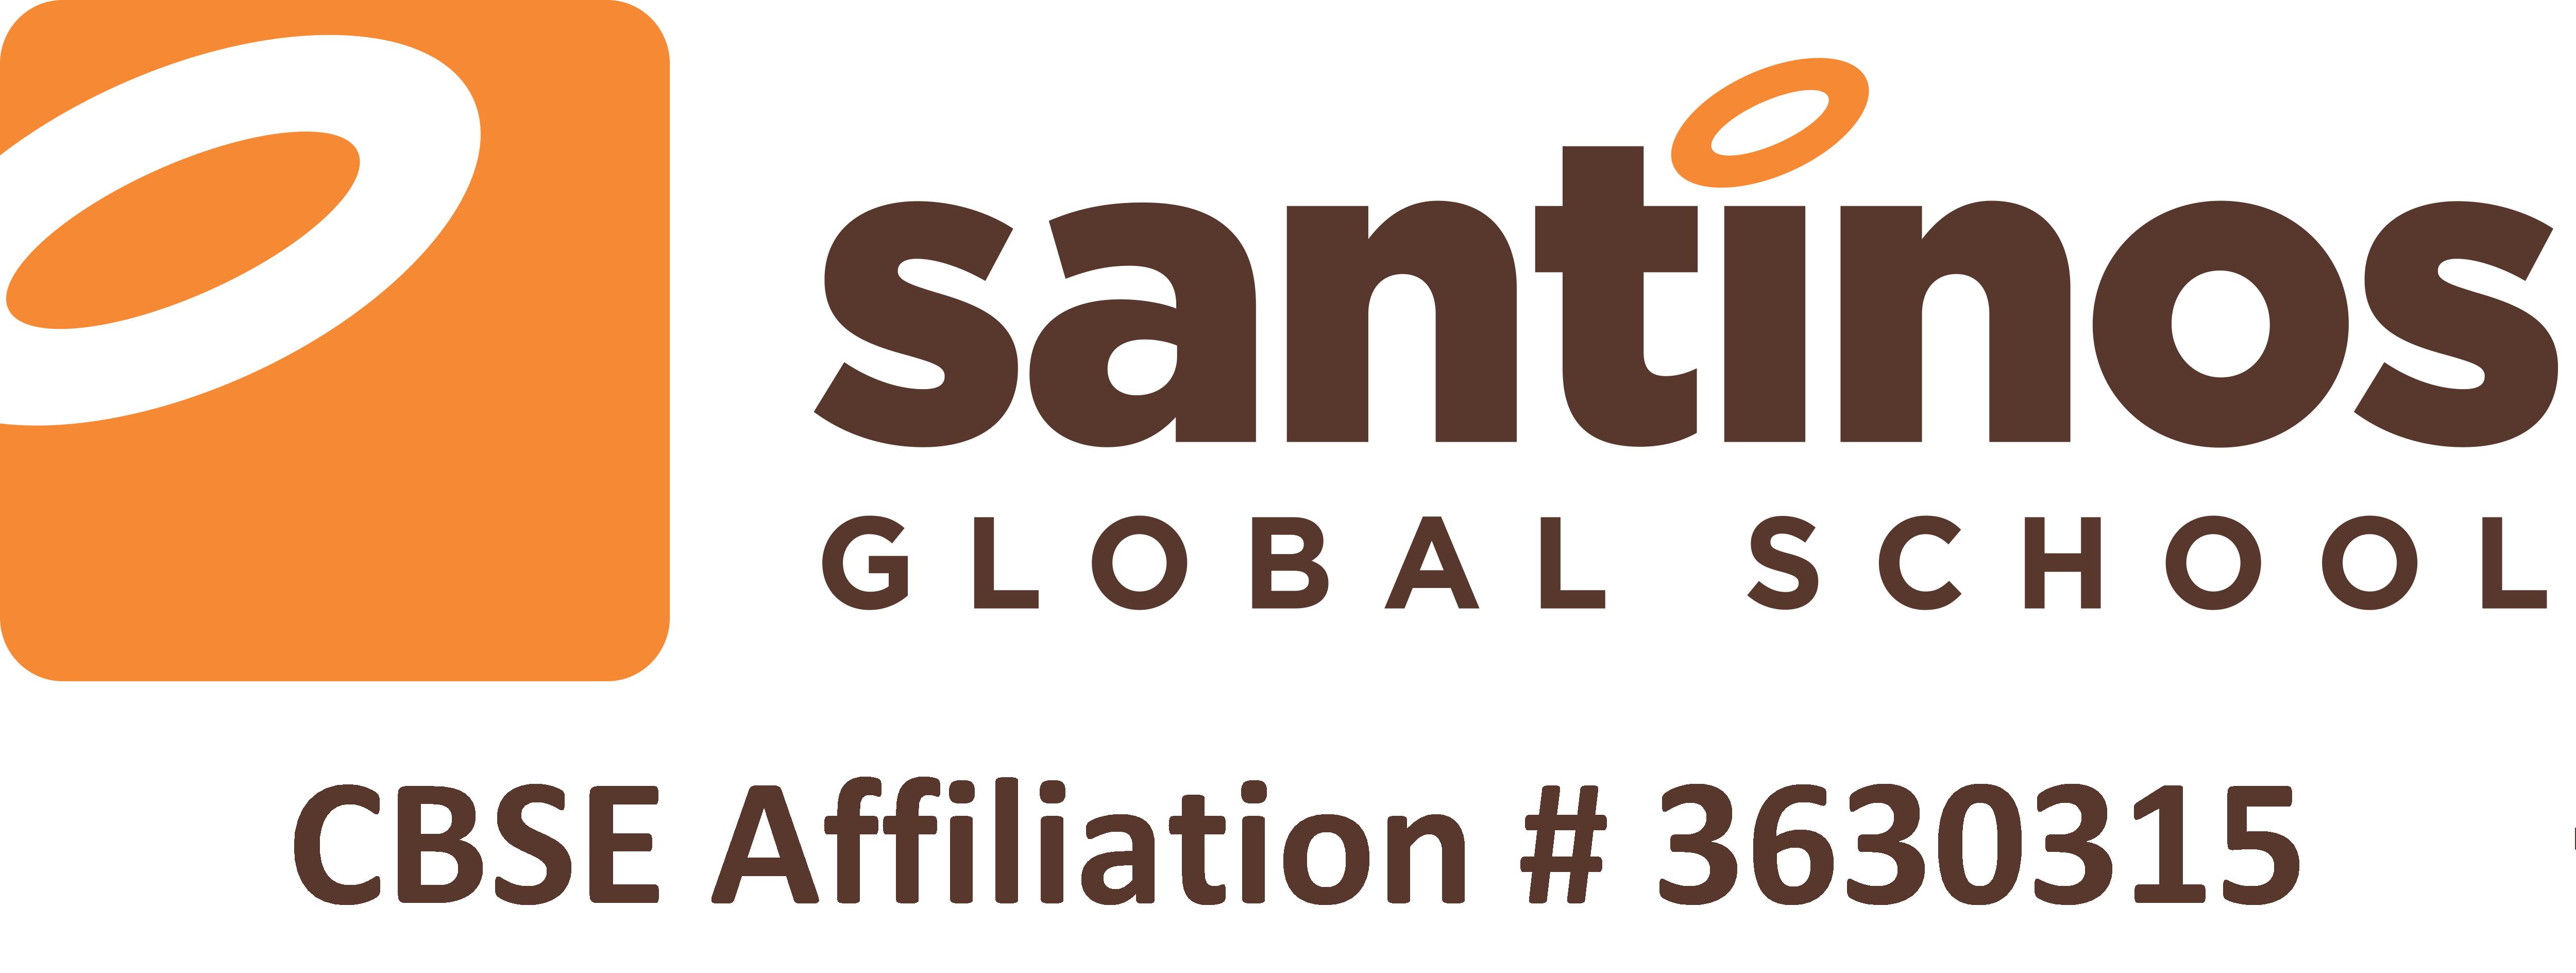 Santinos Global School -